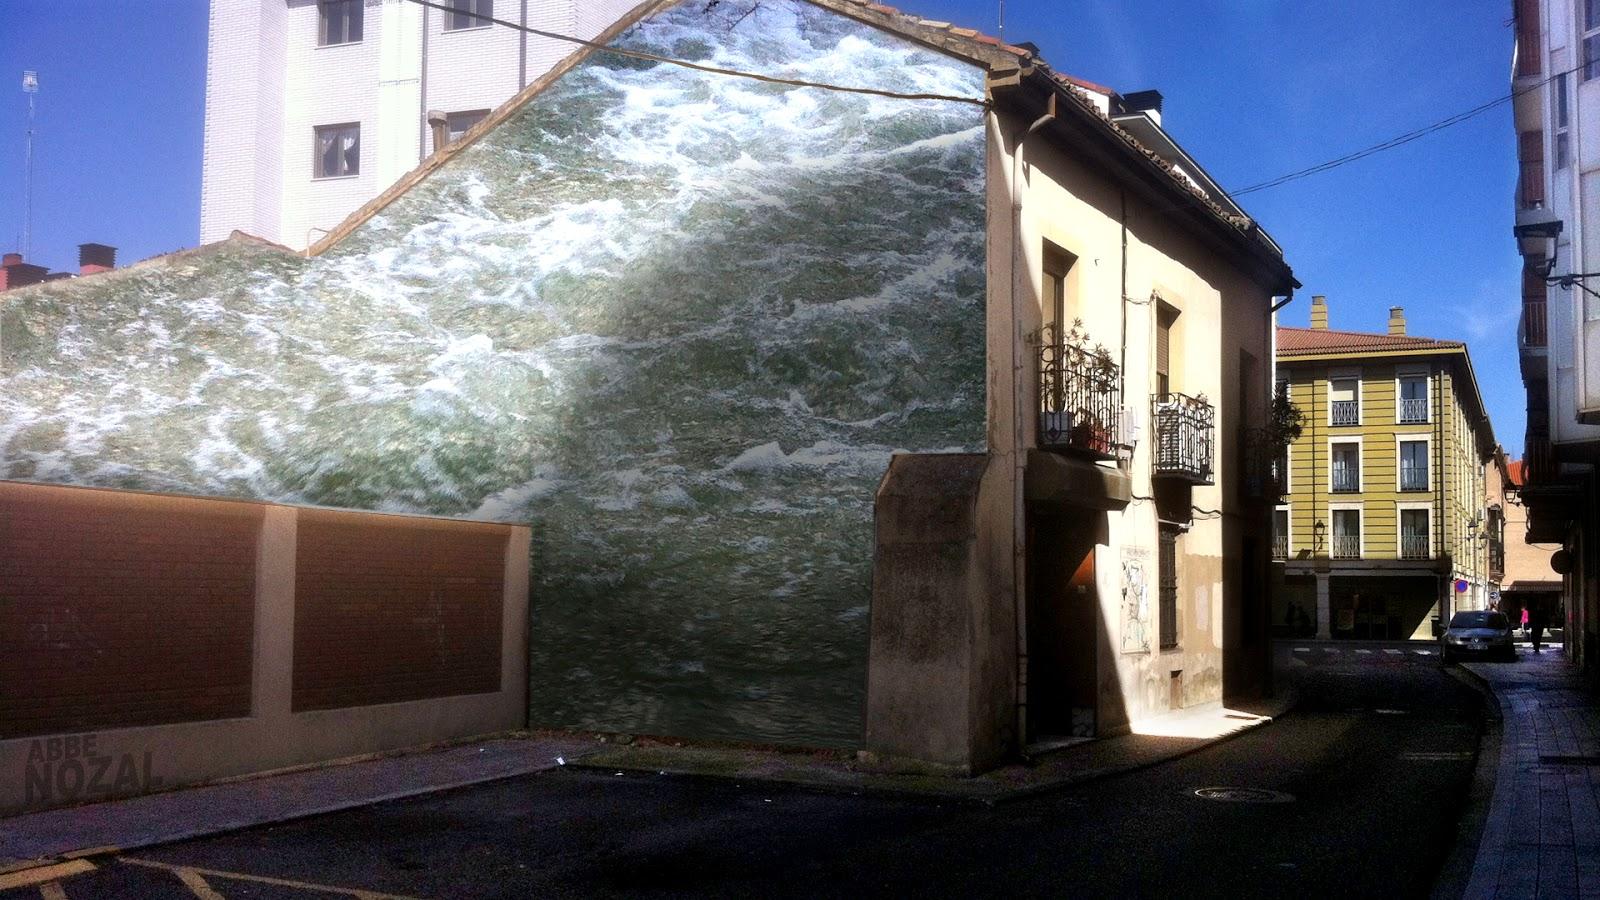 Medianera en alta mar, 2014 Abbé Nozal